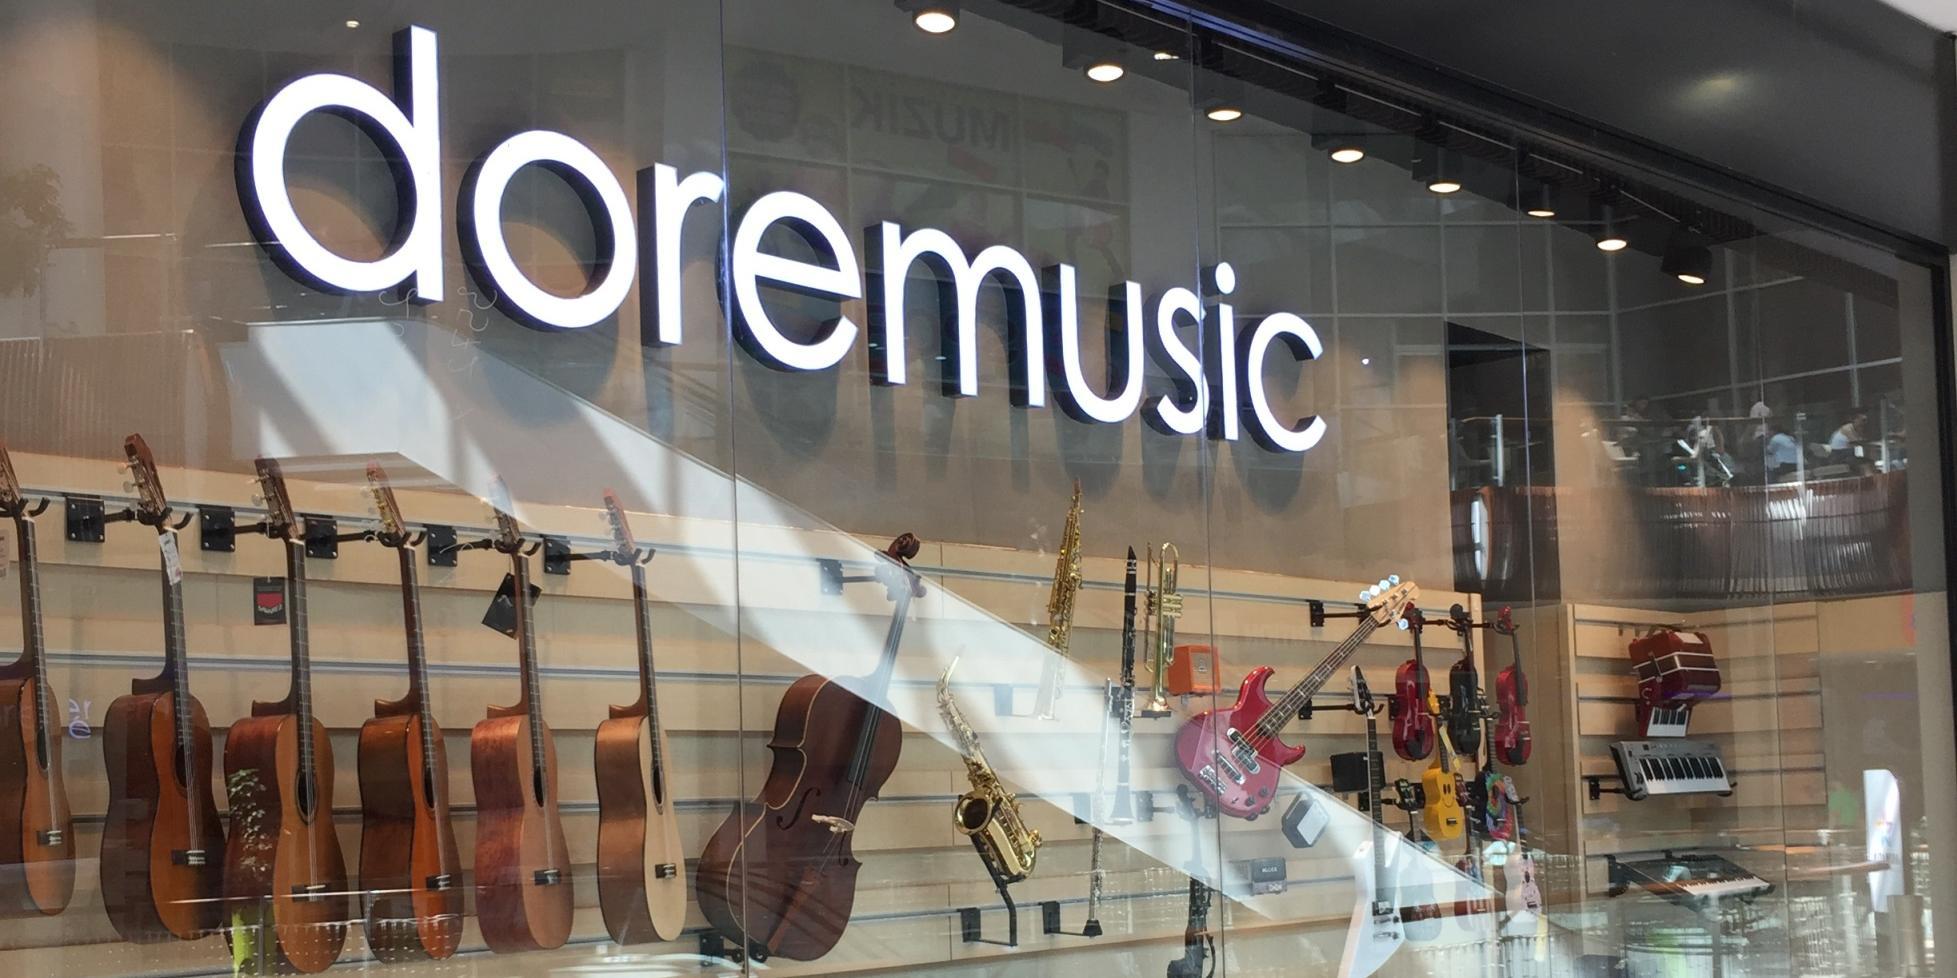 Ankara'nın yeni müzik odağı: doremusic Armada AVM'de